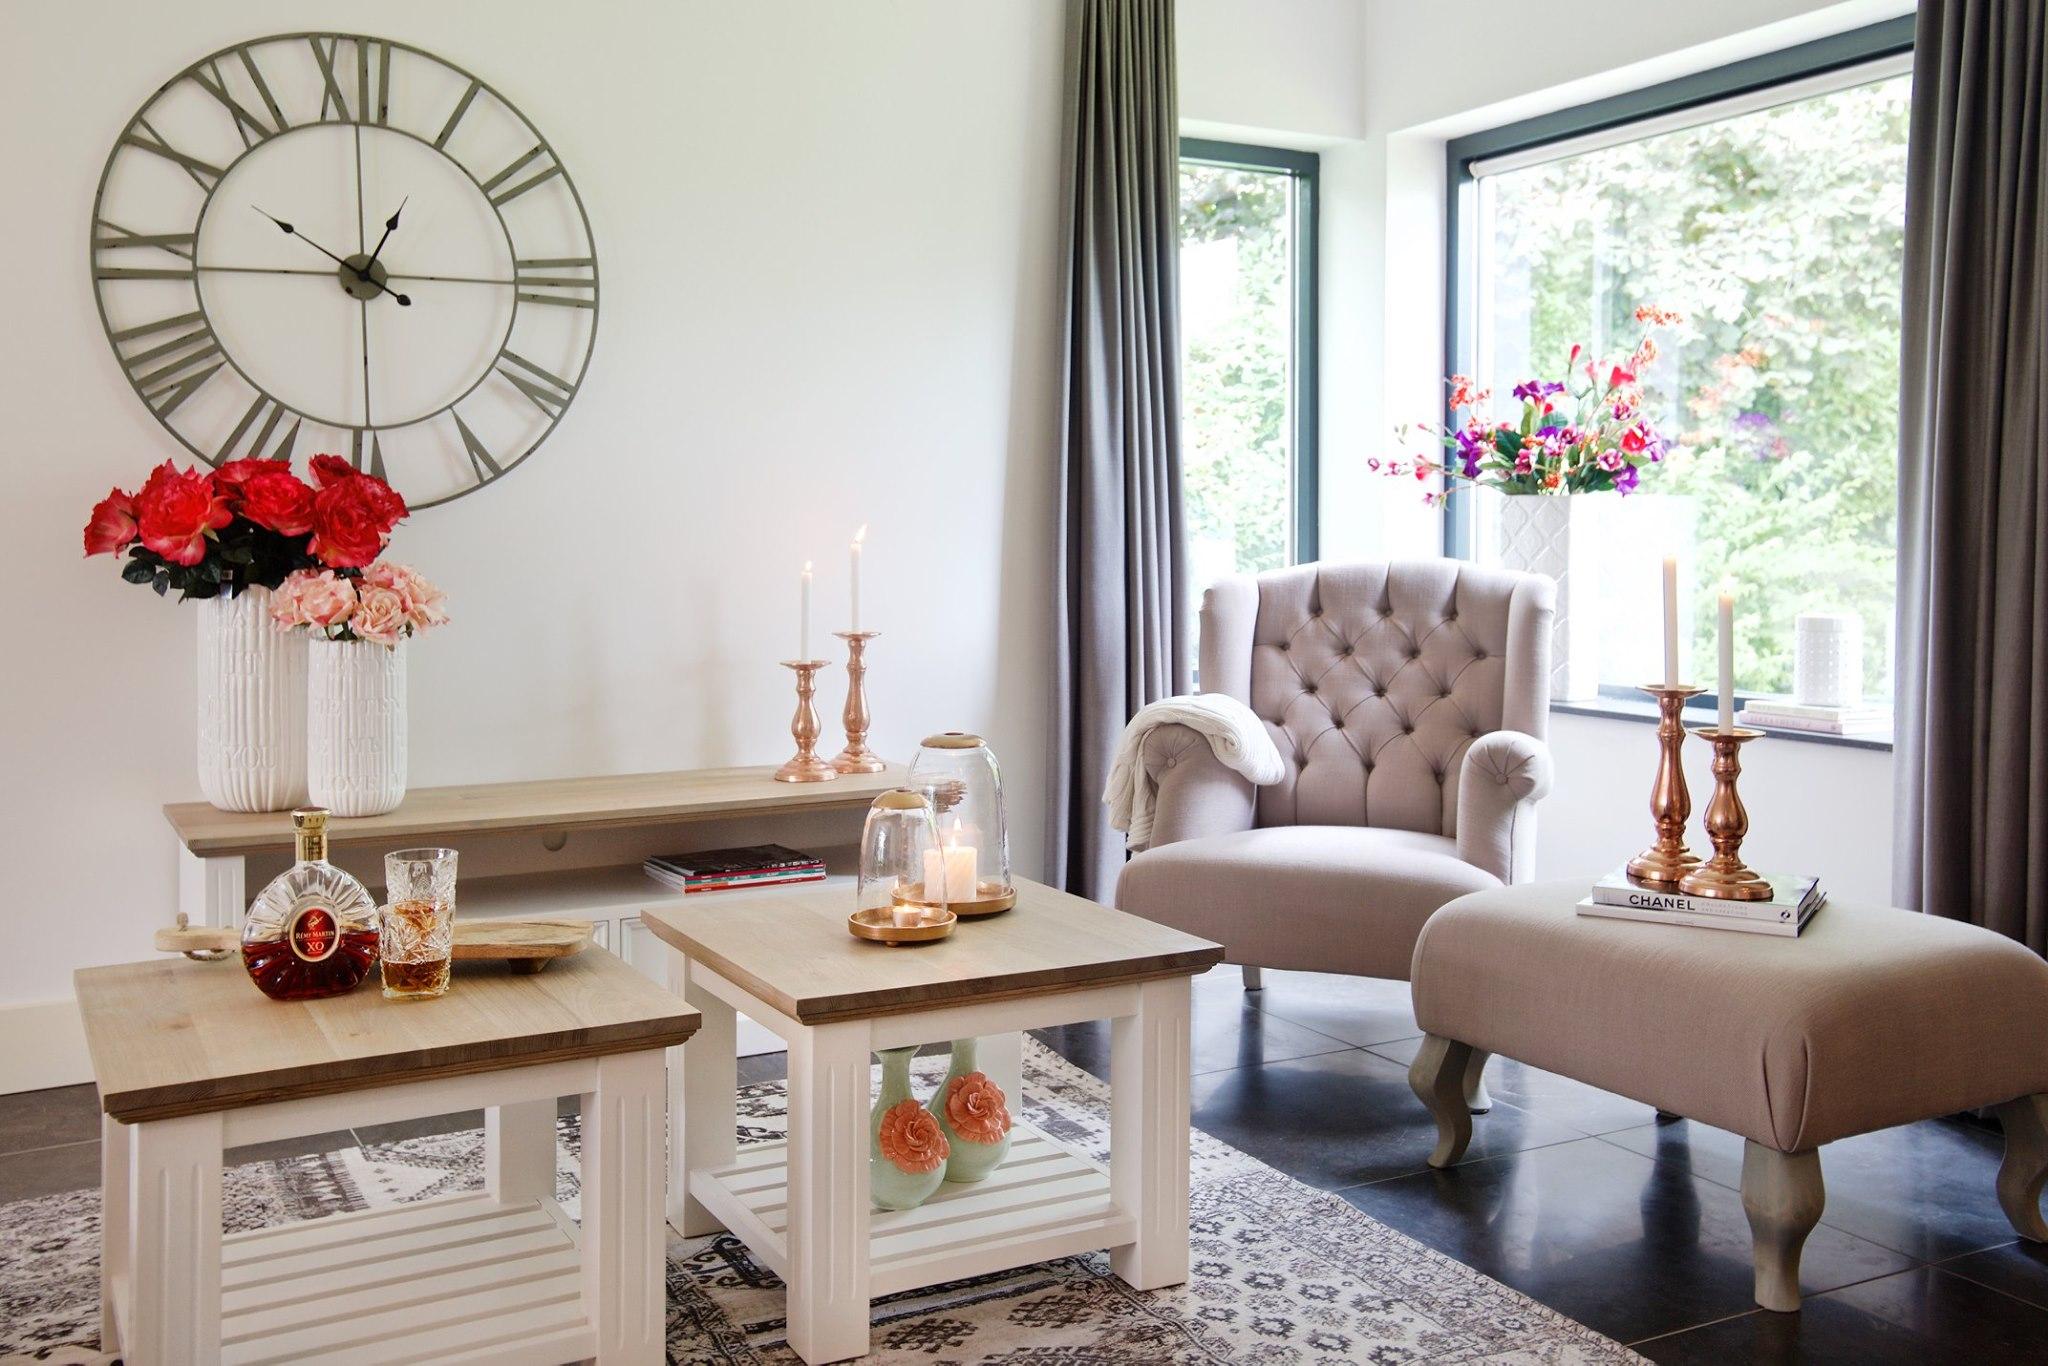 SKANO HOME klassikaline ja skandinaavia stiilis puitmööbel, pehme mööbel